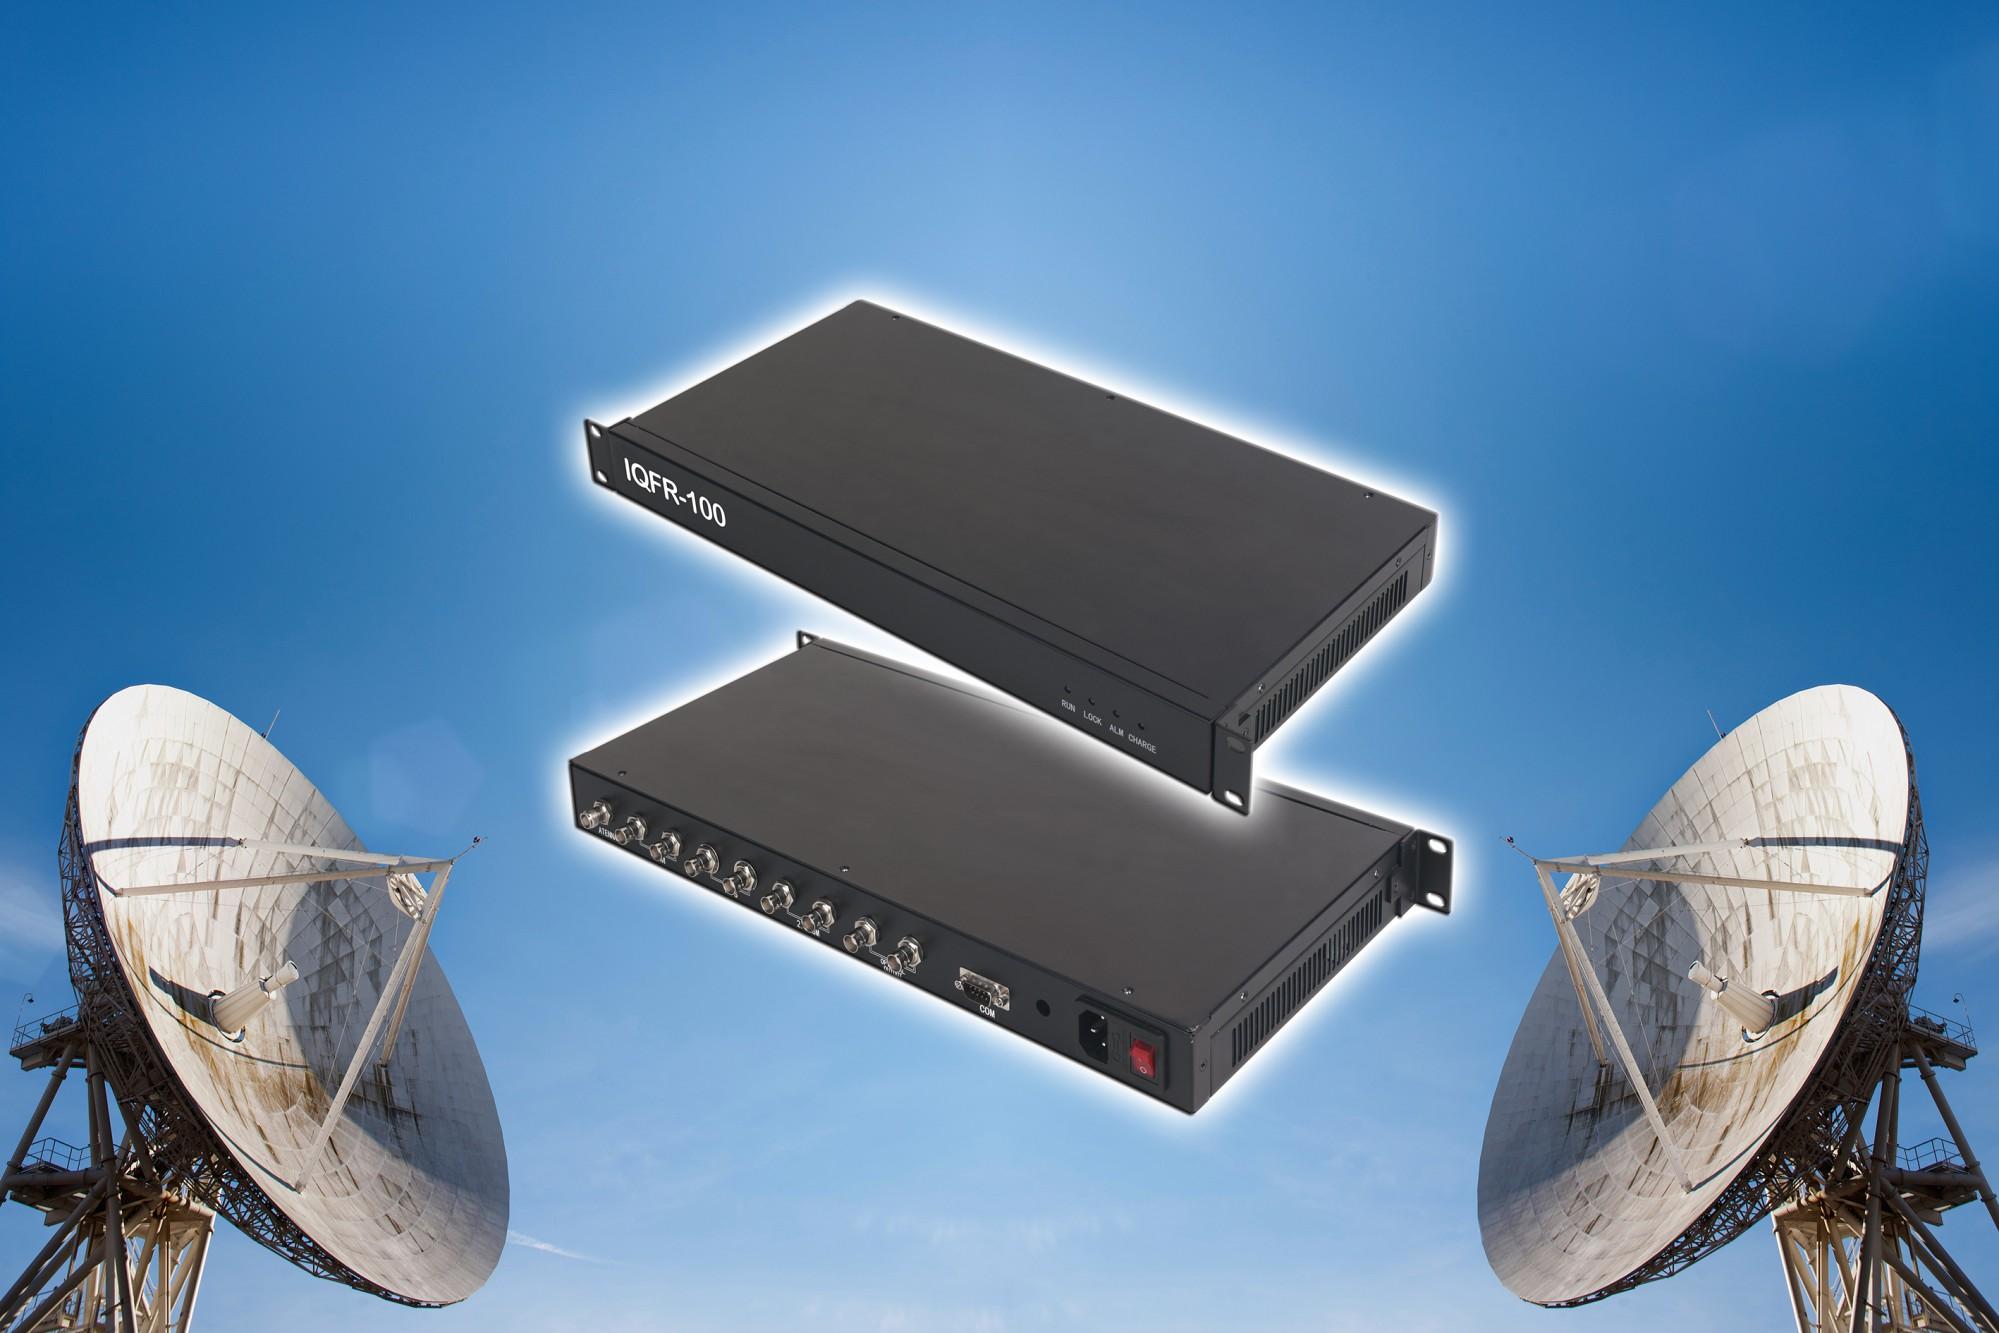 IQD lance son nouvel étalon de fréquence contrôlé par GPS à stabilité d'horloge atomique au salon Embedded World